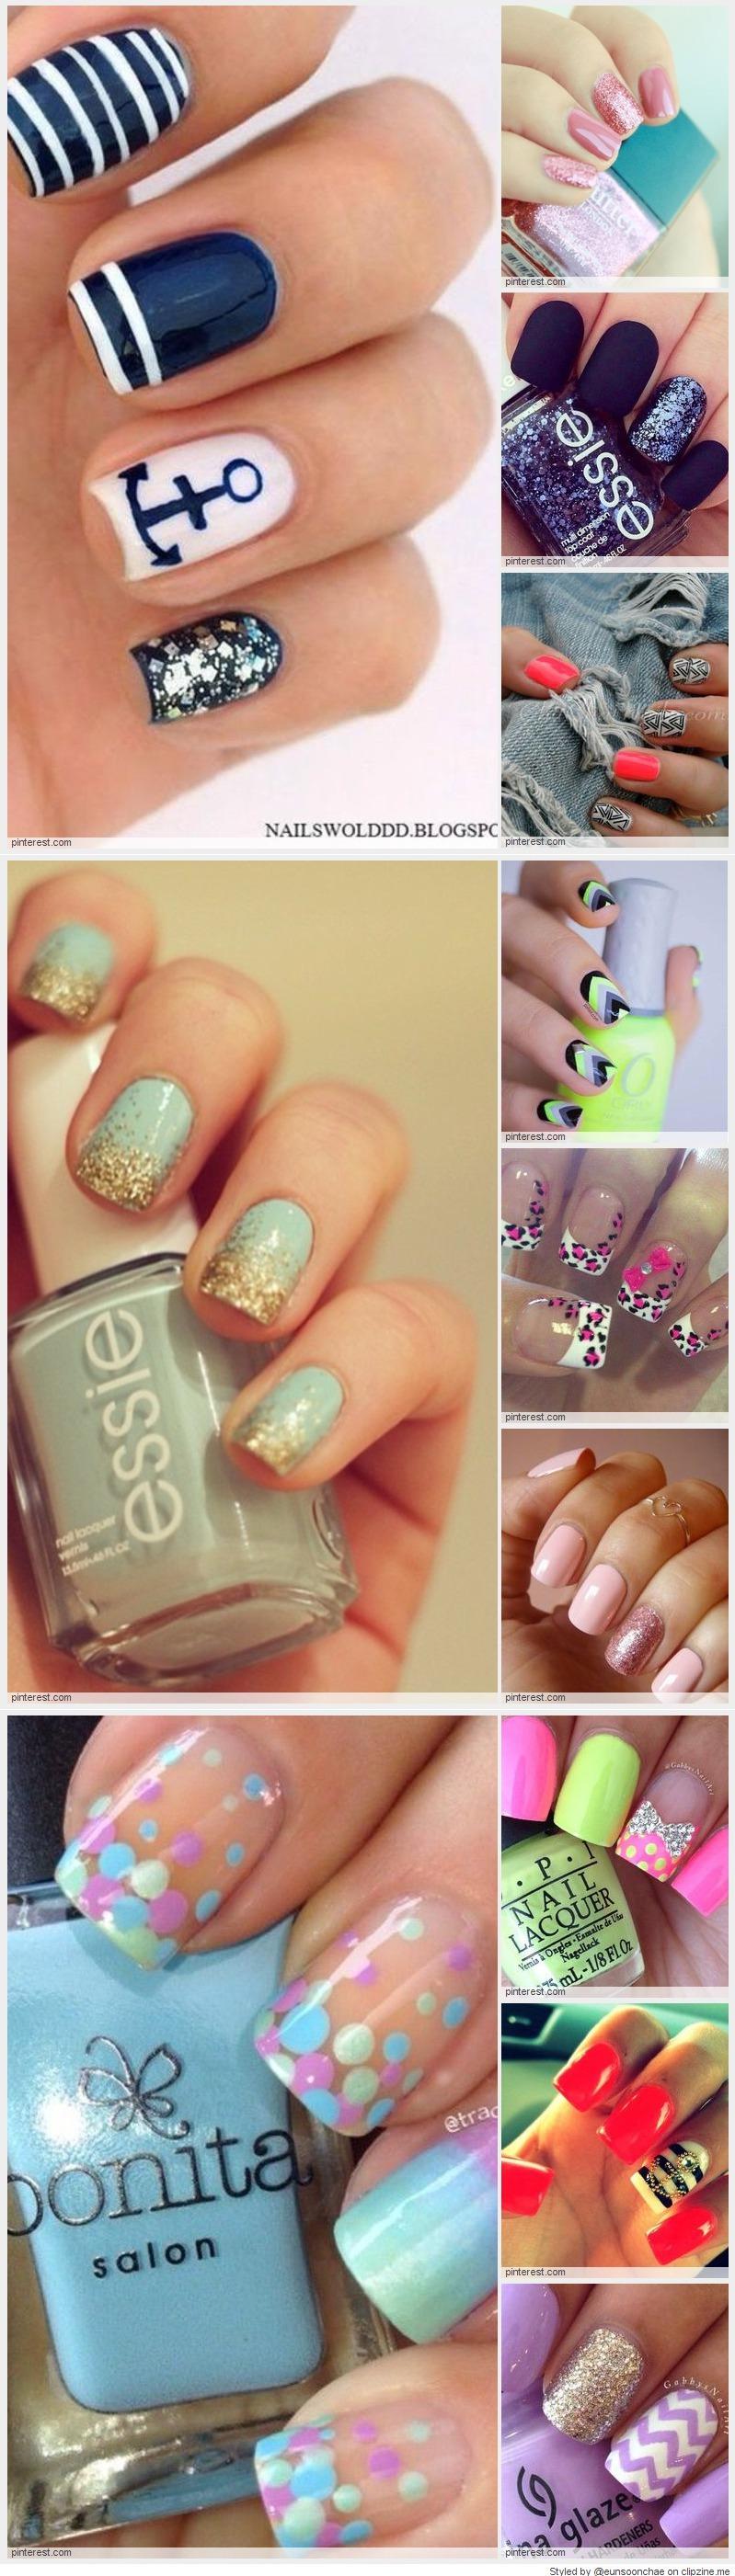 Nail art nails pinterest makeup mani pedi and nail nail